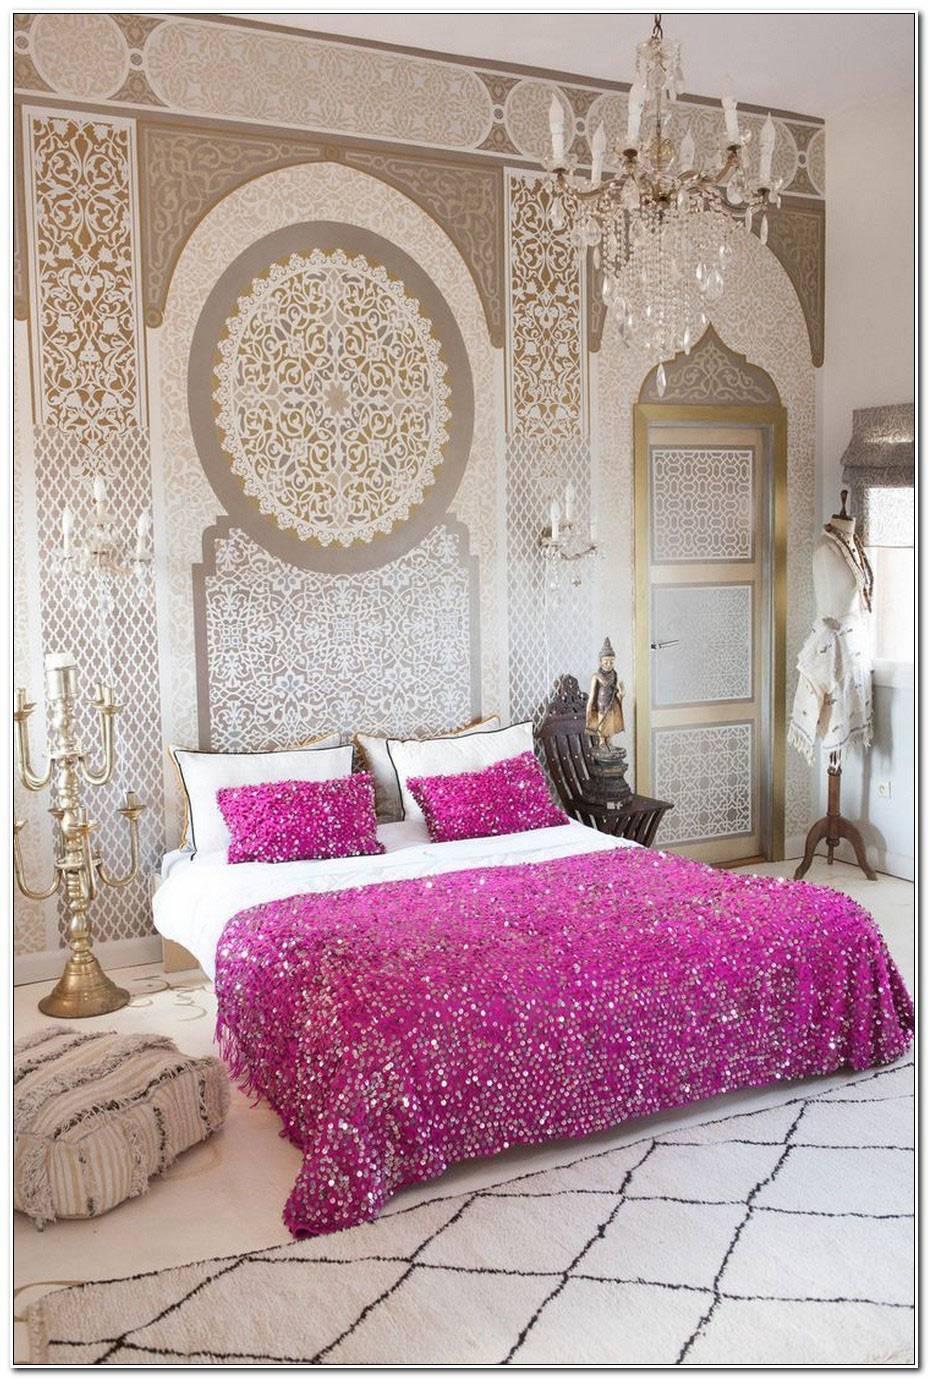 Decoration Des Chambre Marocain